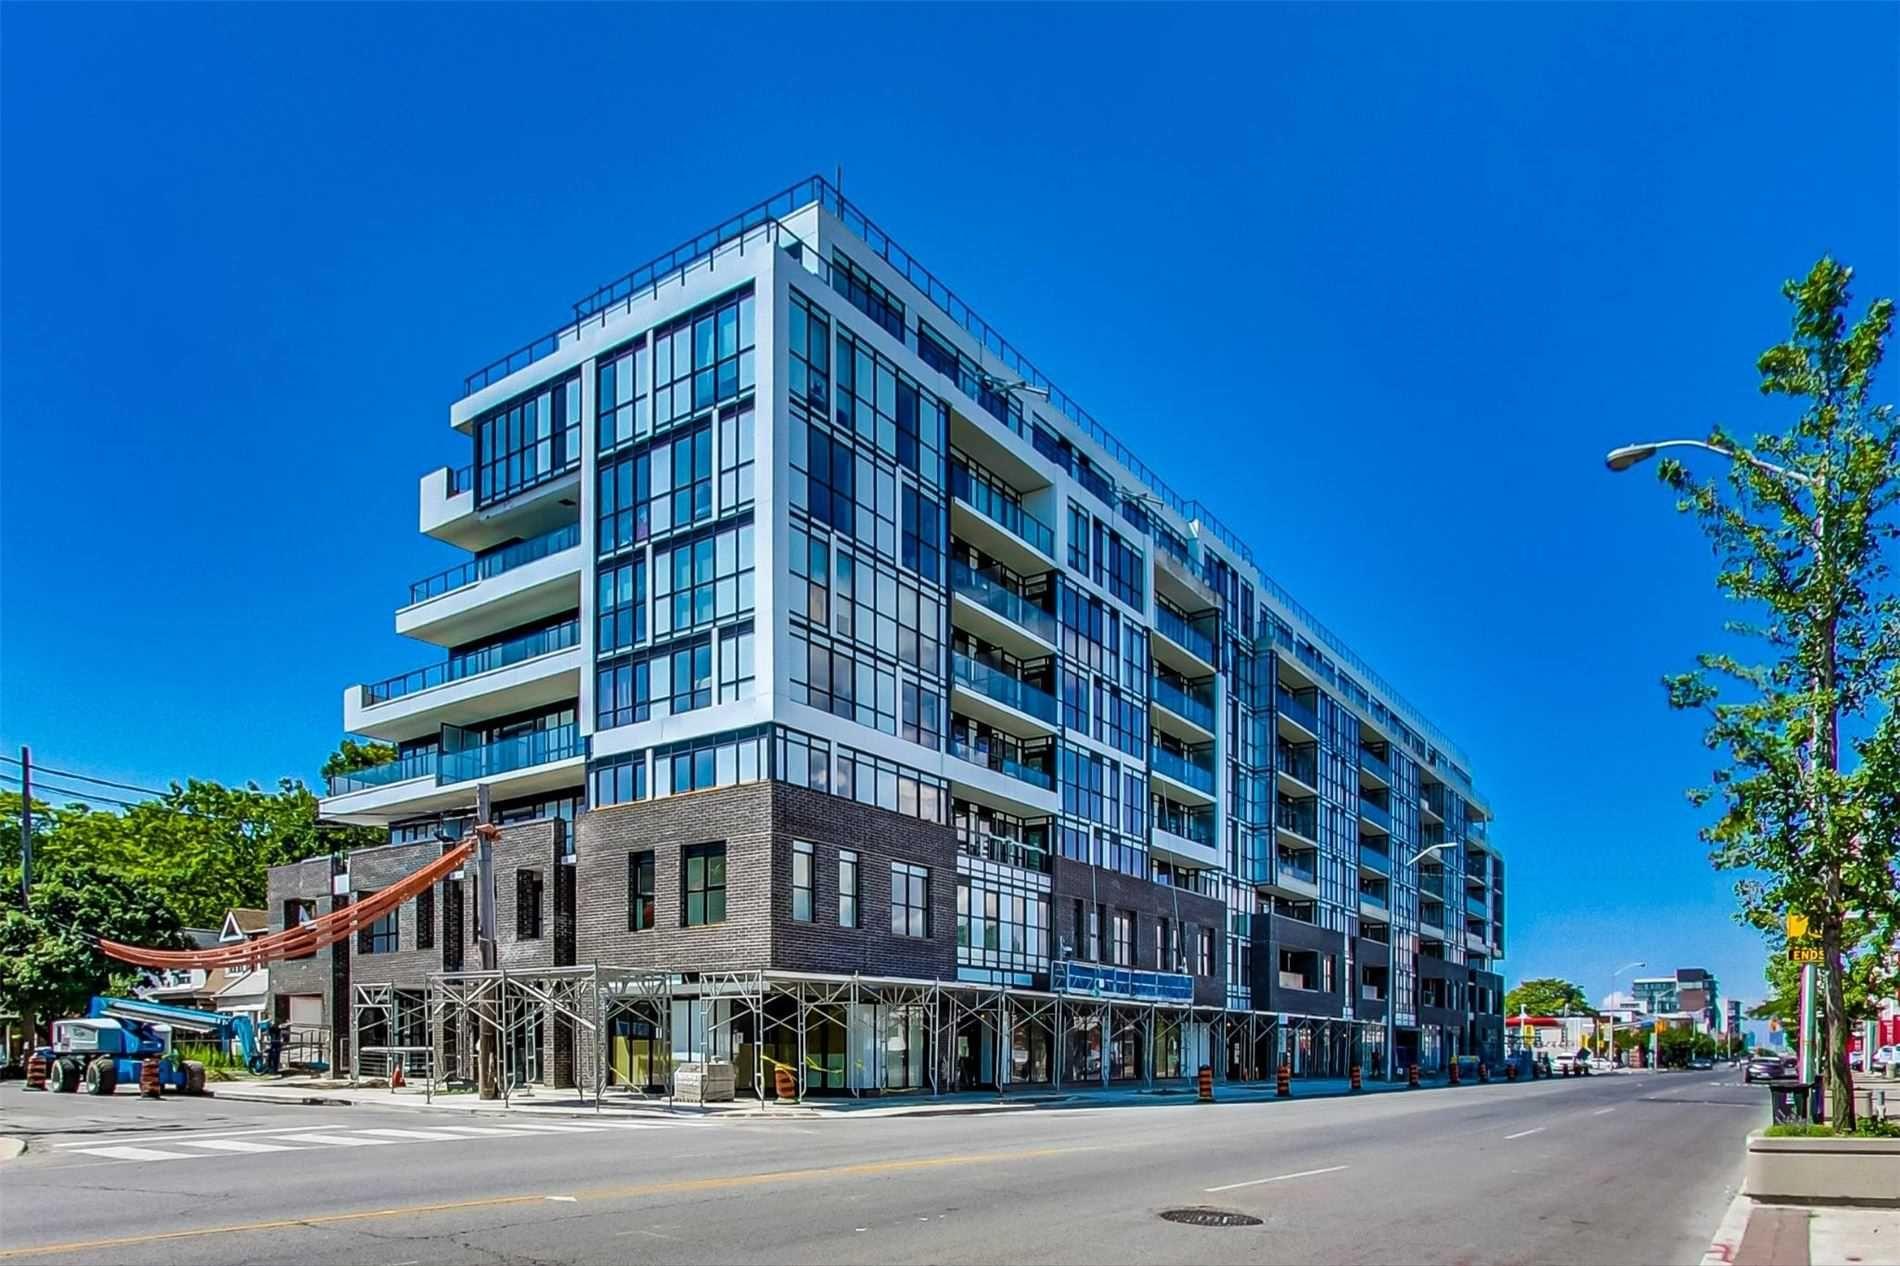 Photo 2: Photos: 711 2301 Danforth Avenue in Toronto: East End-Danforth Condo for lease (Toronto E02)  : MLS®# E4816624